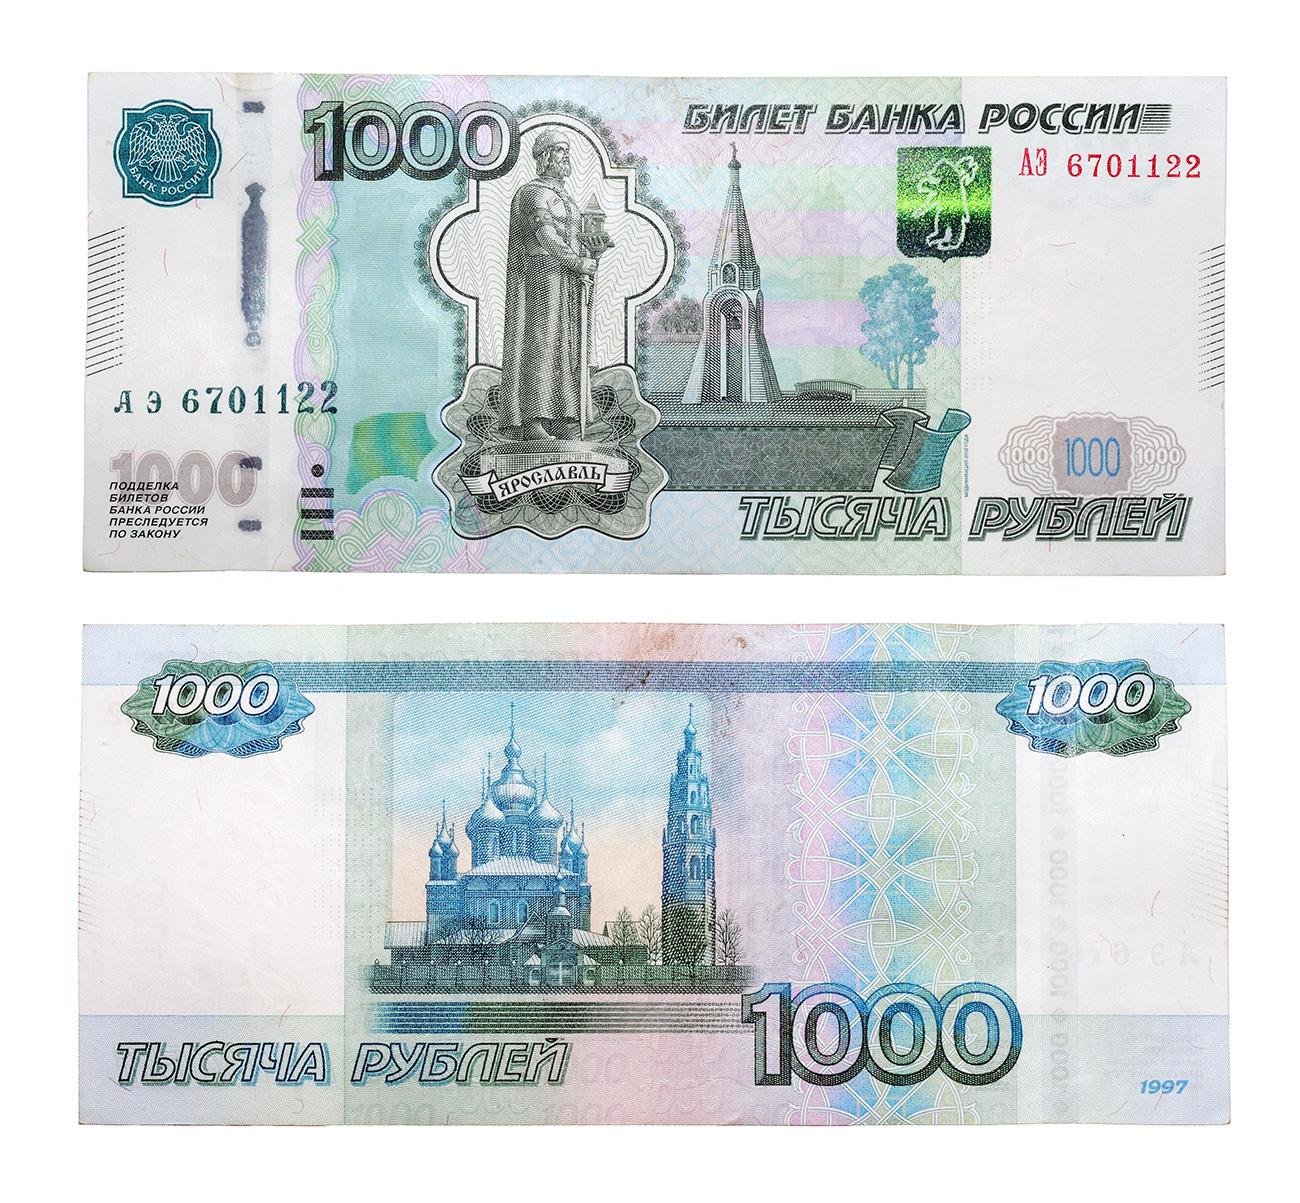 1000 rubljev / Global Look Press